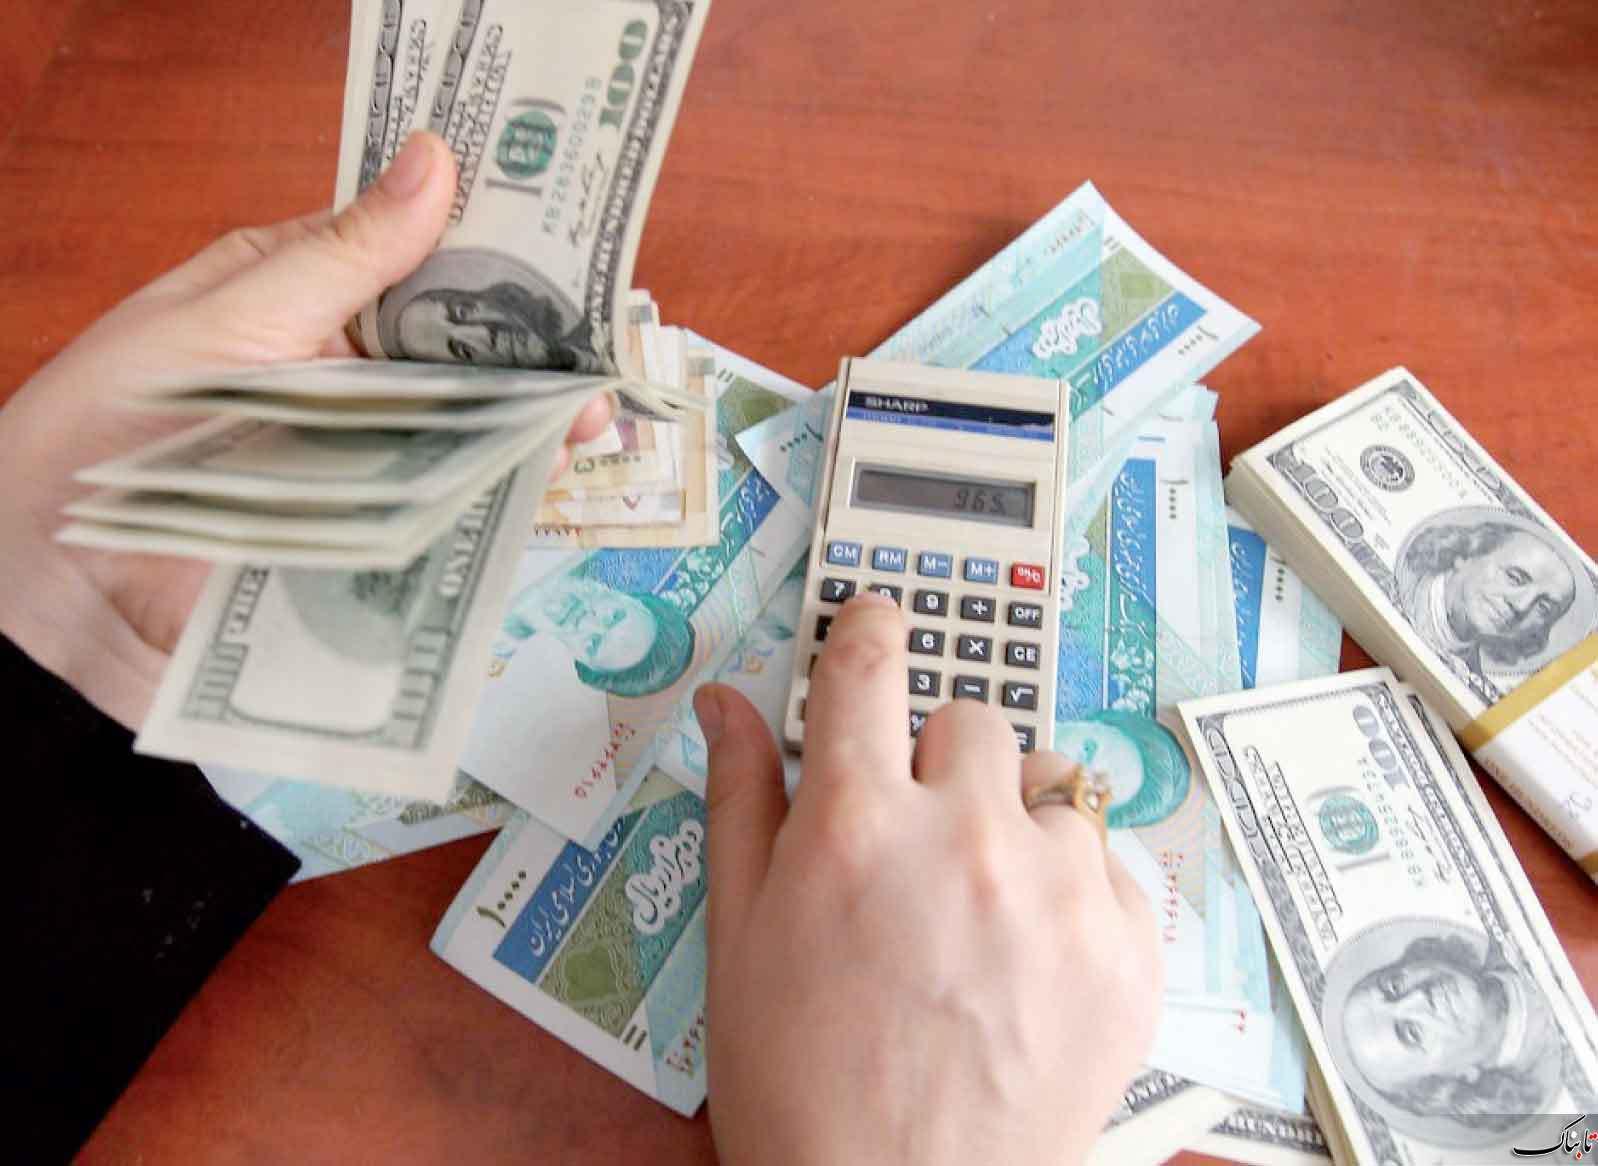 راهنمای استفاده از پول و تبدیل آن در کشور ترکیه